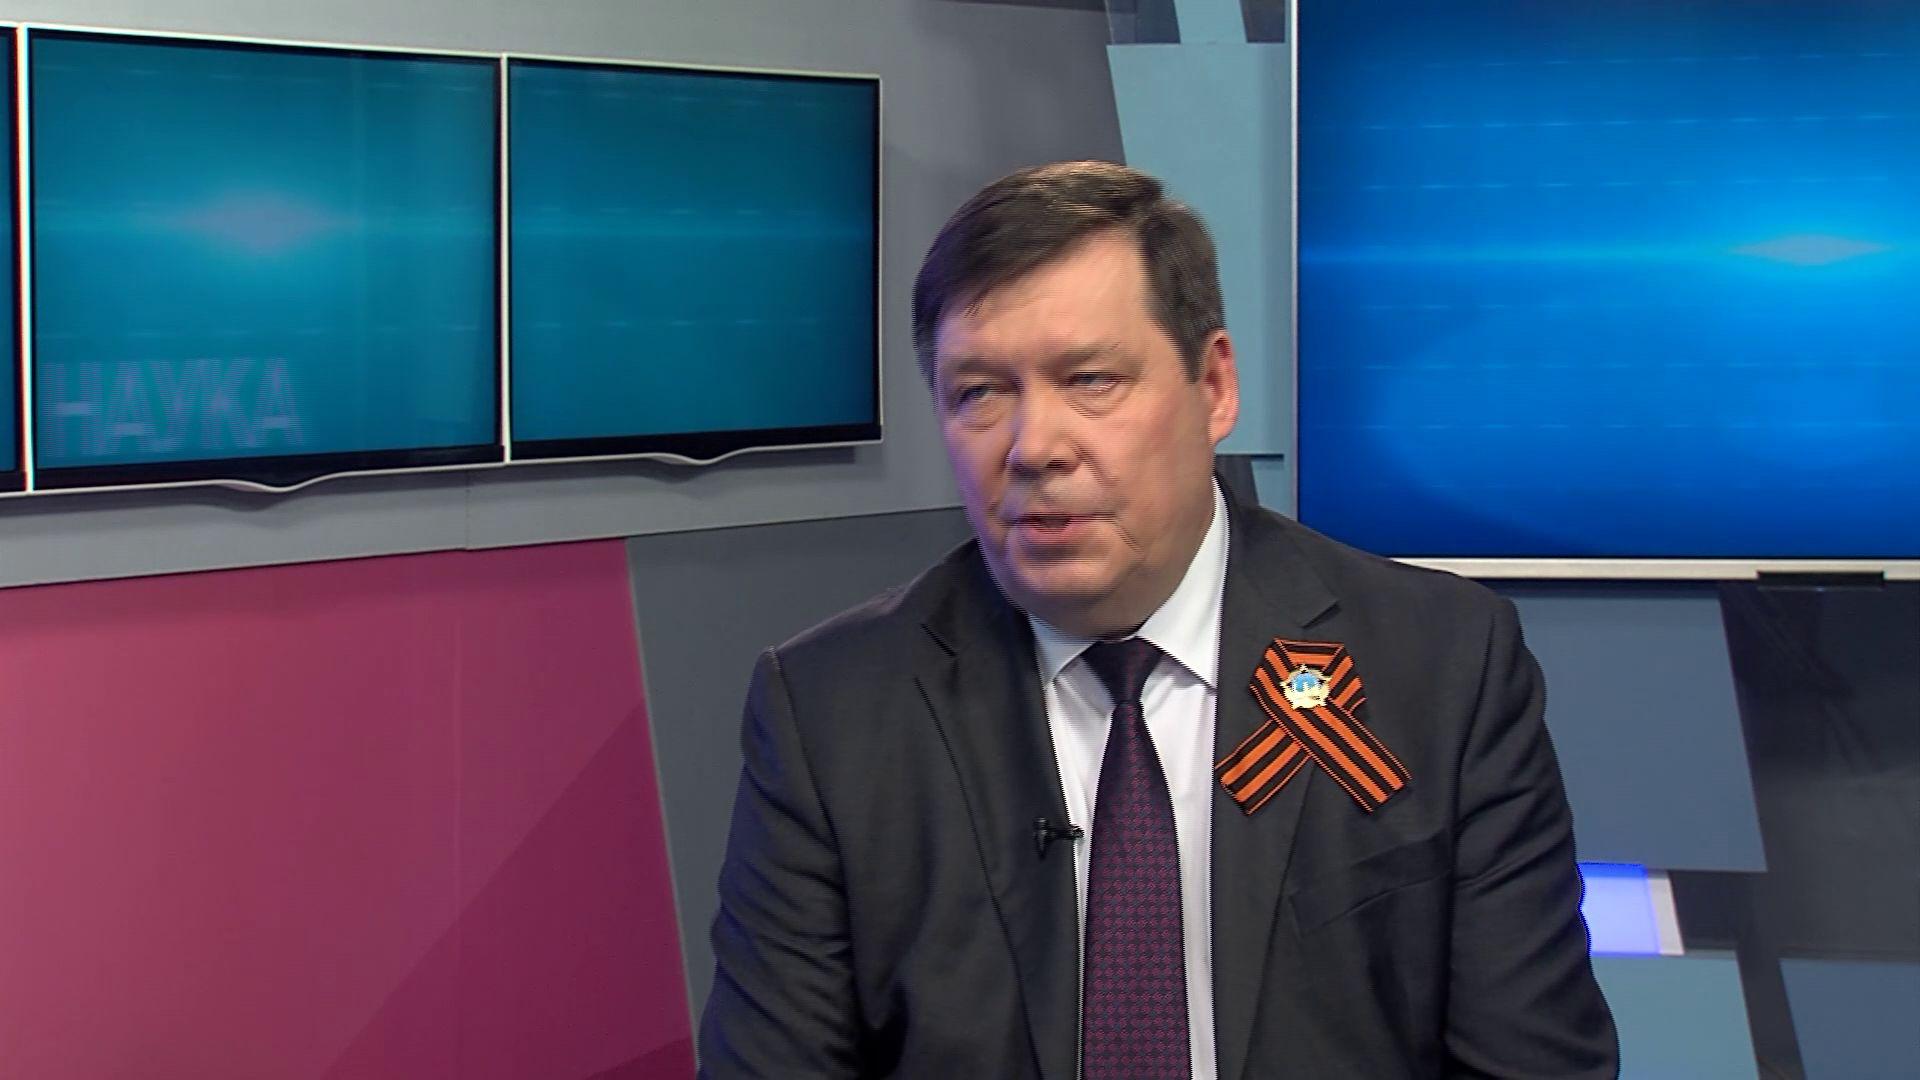 Программа «В тему» от 13.05.20. Анатолий Гулин о борьбе с коронавирусом в Ярославской области